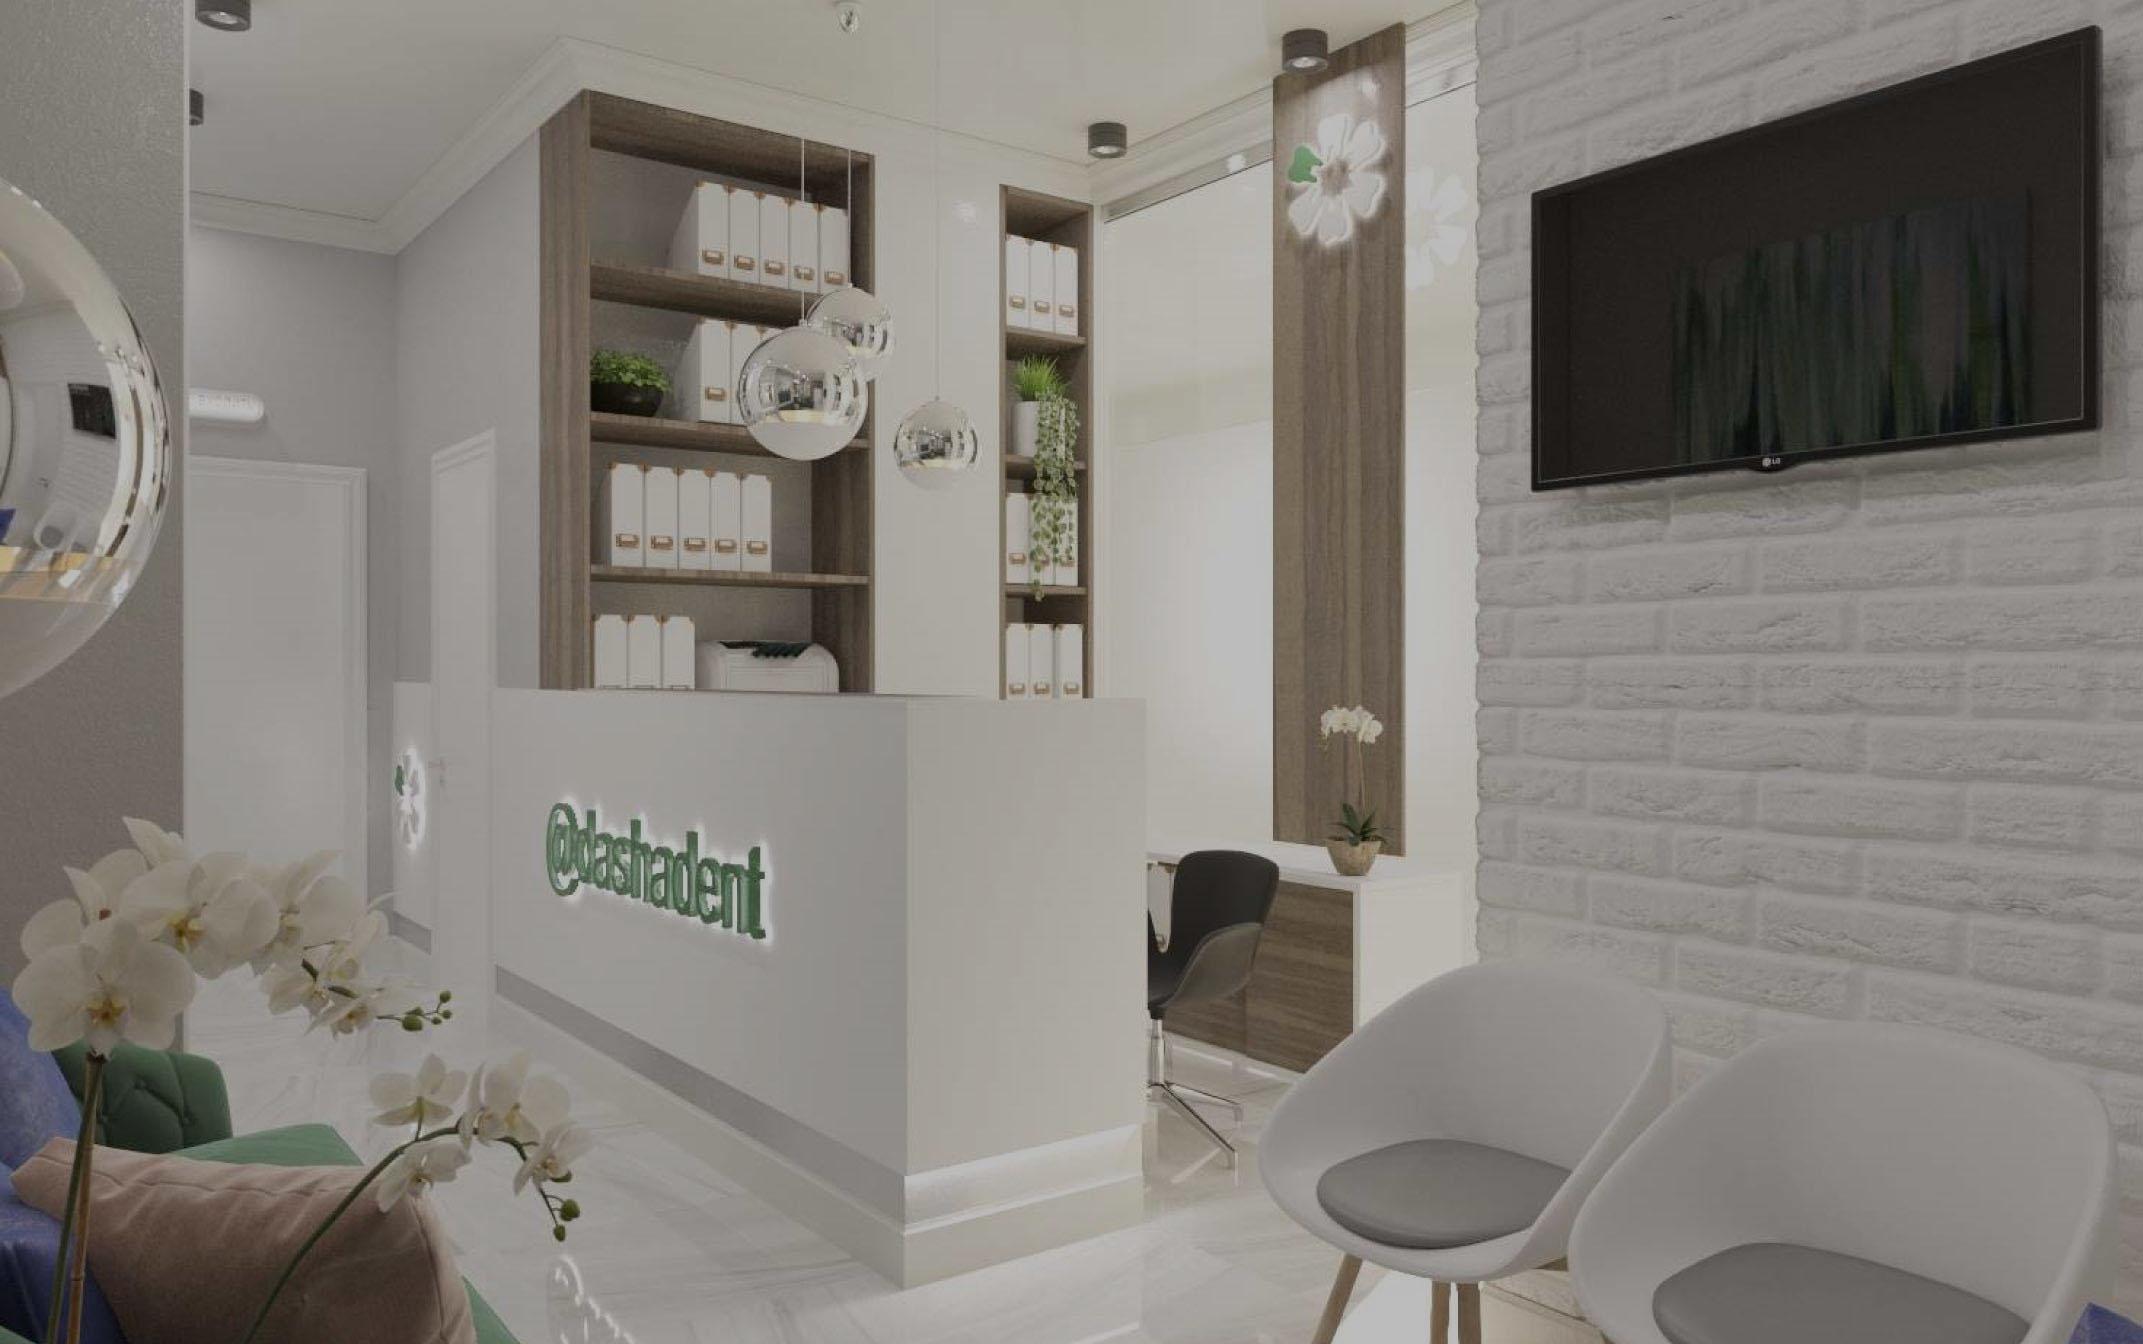 холл стоматологии ДАША в Волгограде по адресу ул. Кастерина, 5